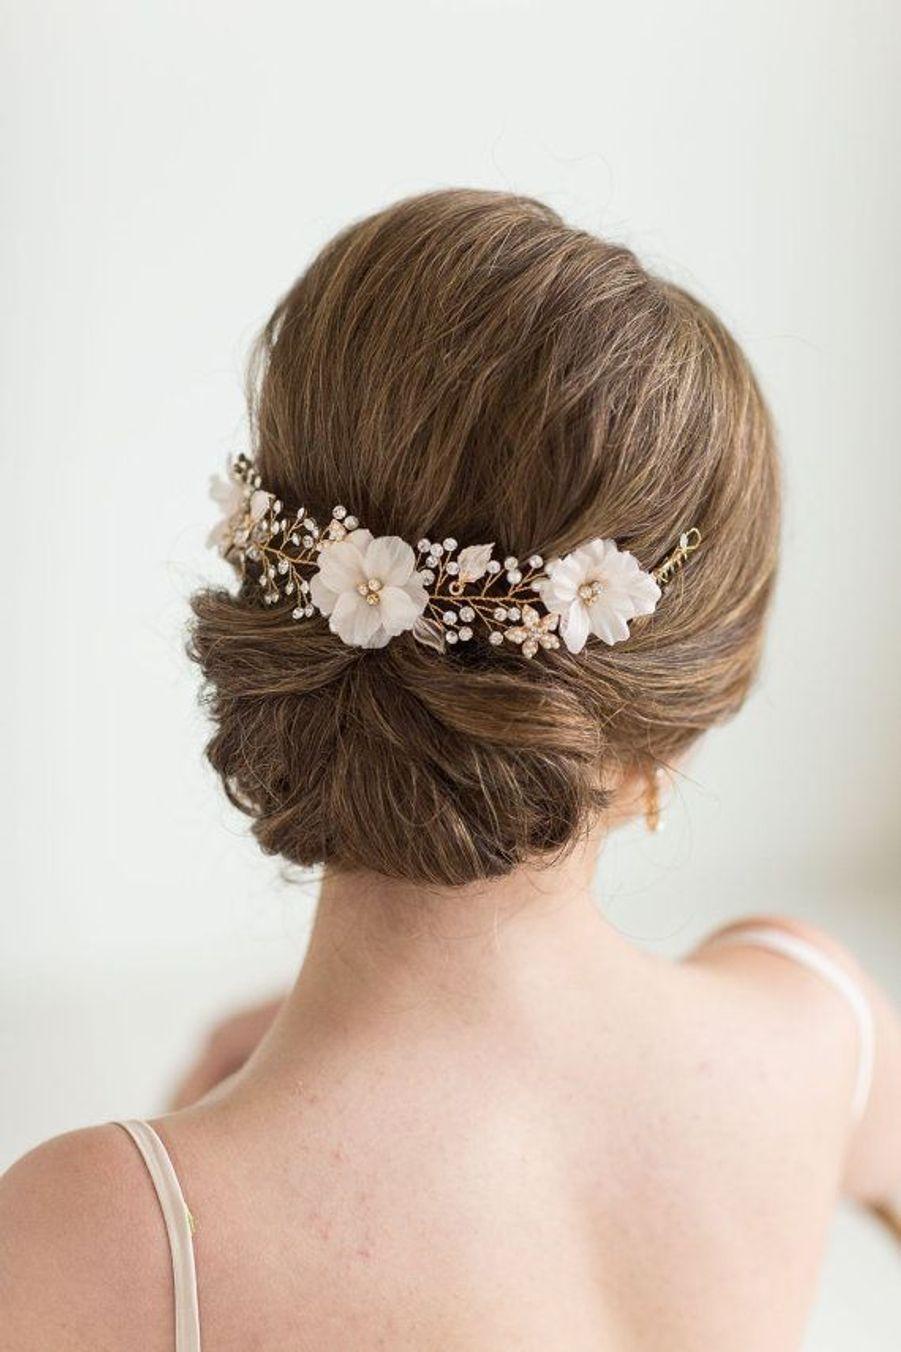 Un chignon avec unevigne de cheveuxhttps://www.pinterest.fr/pin/510032726543338085/